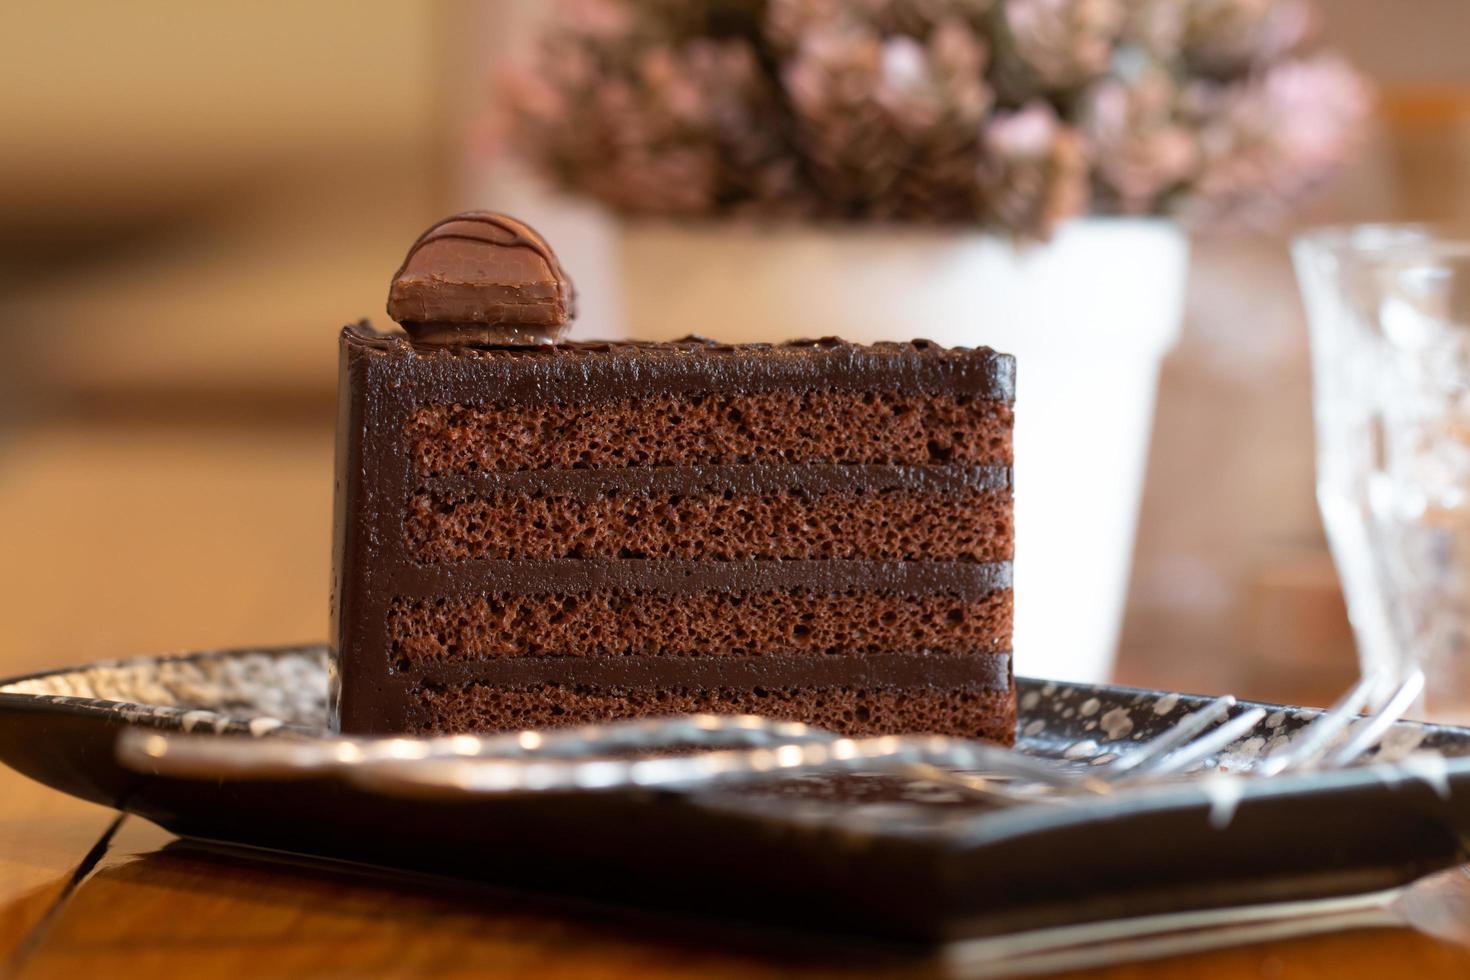 Cerca de tarta de chocolate en rodajas sobre un escritorio de madera foto